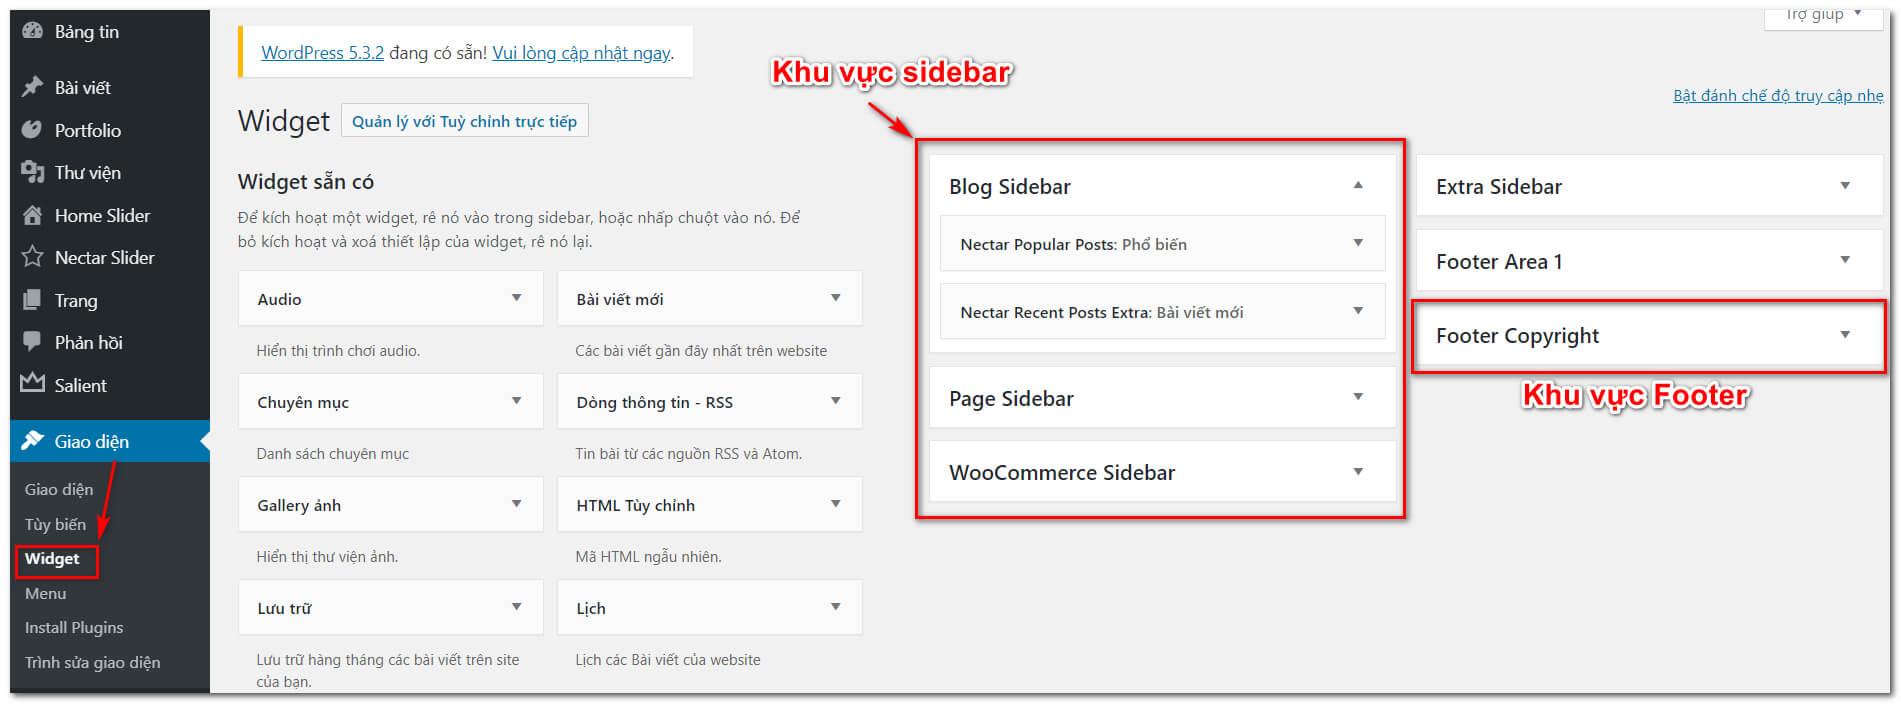 Các vị trí widget trong wordpress